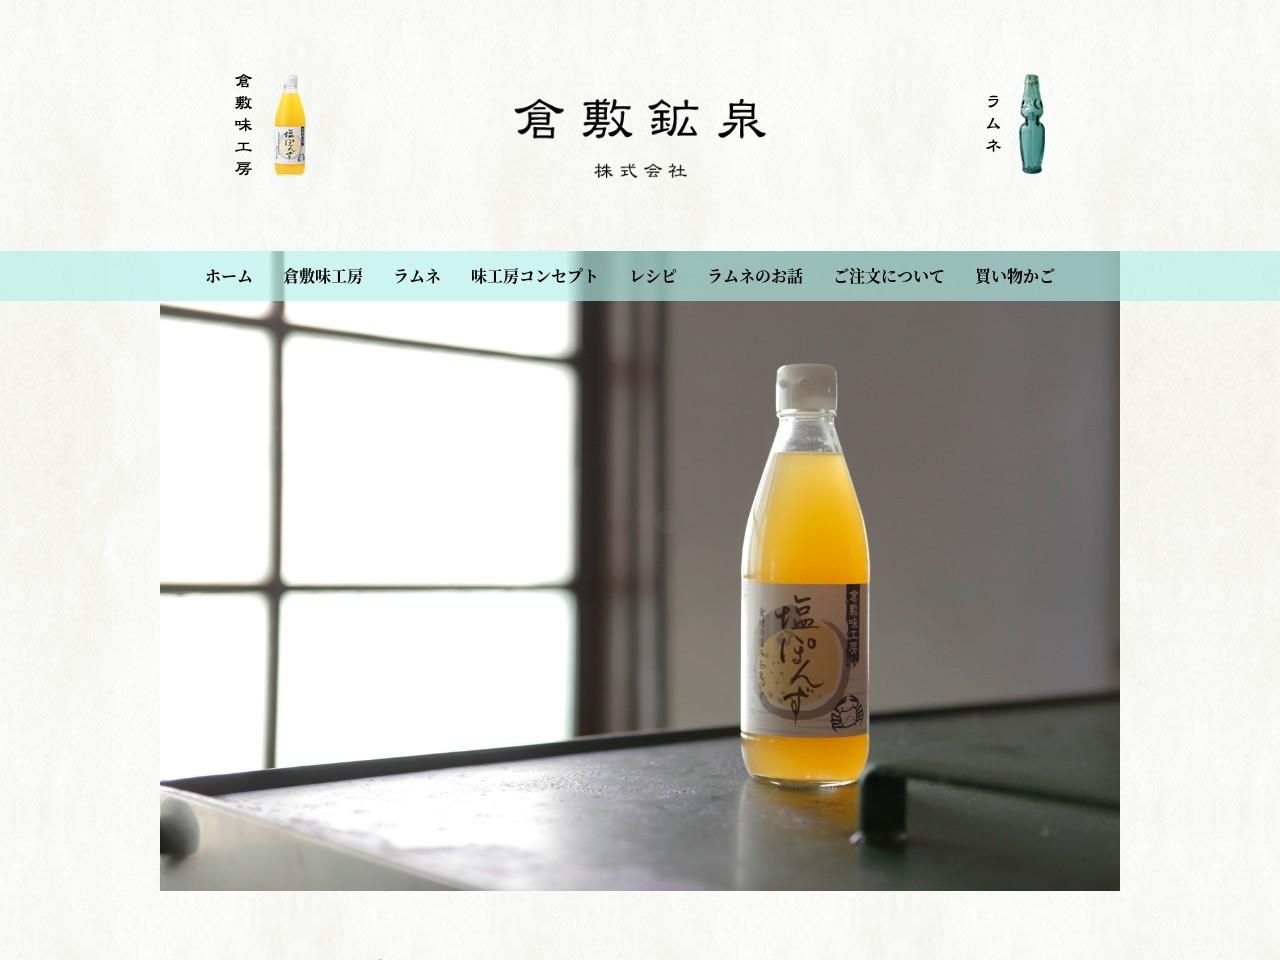 倉敷味工房商品 ラムネの通販 | 倉敷鉱泉株式会社